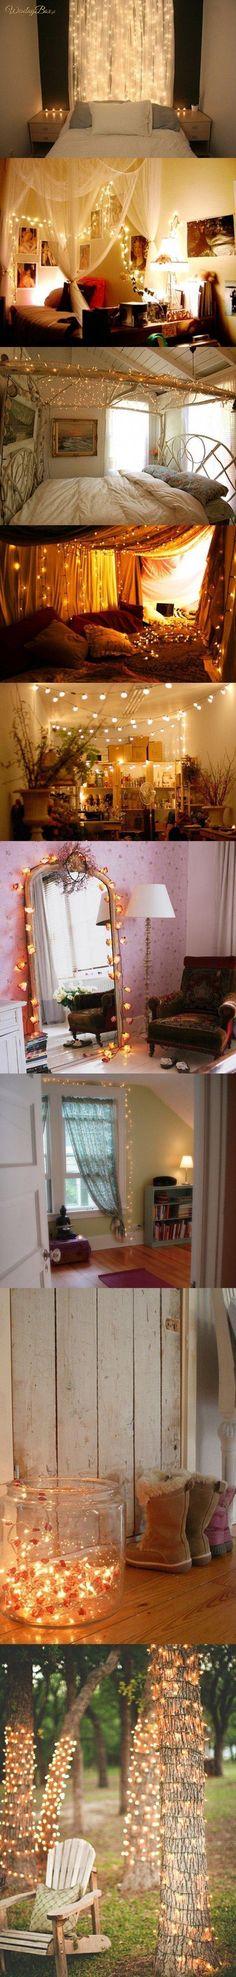 Pomysł na oryginalne romantyczne oświetlenie i niebanalny decor!